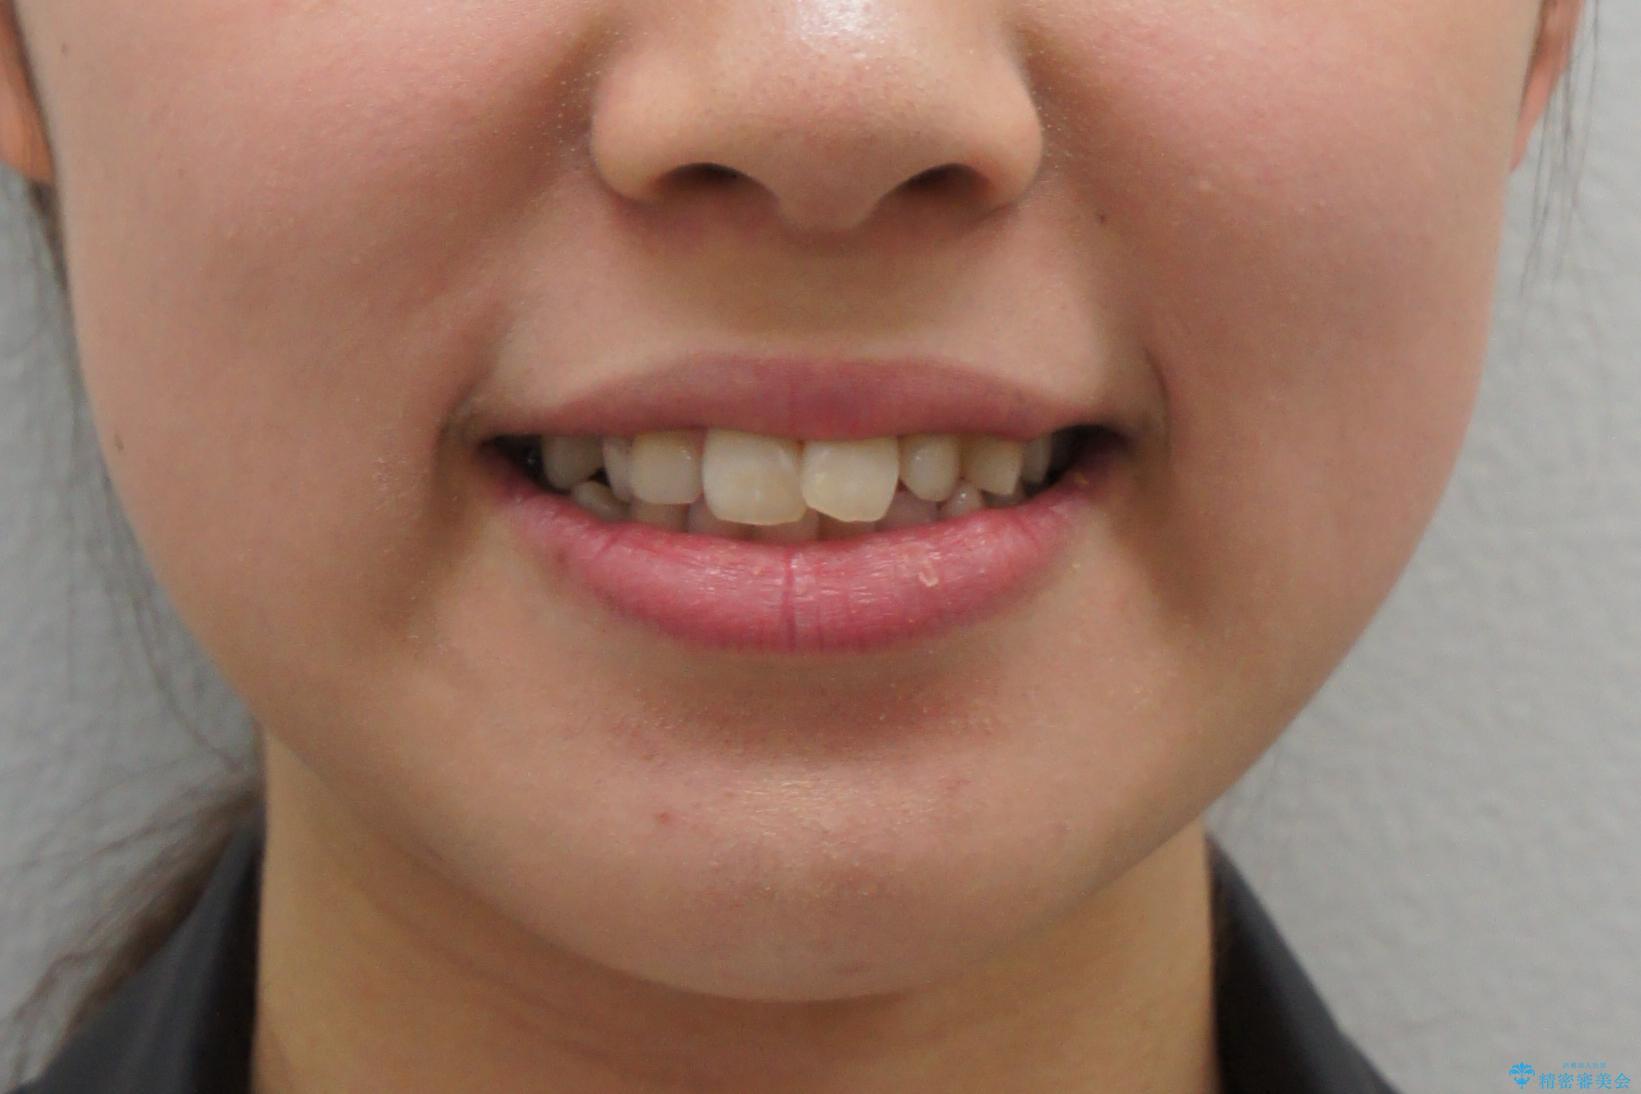 前歯のがたつき 乳歯を抜かずに矯正の治療前(顔貌)